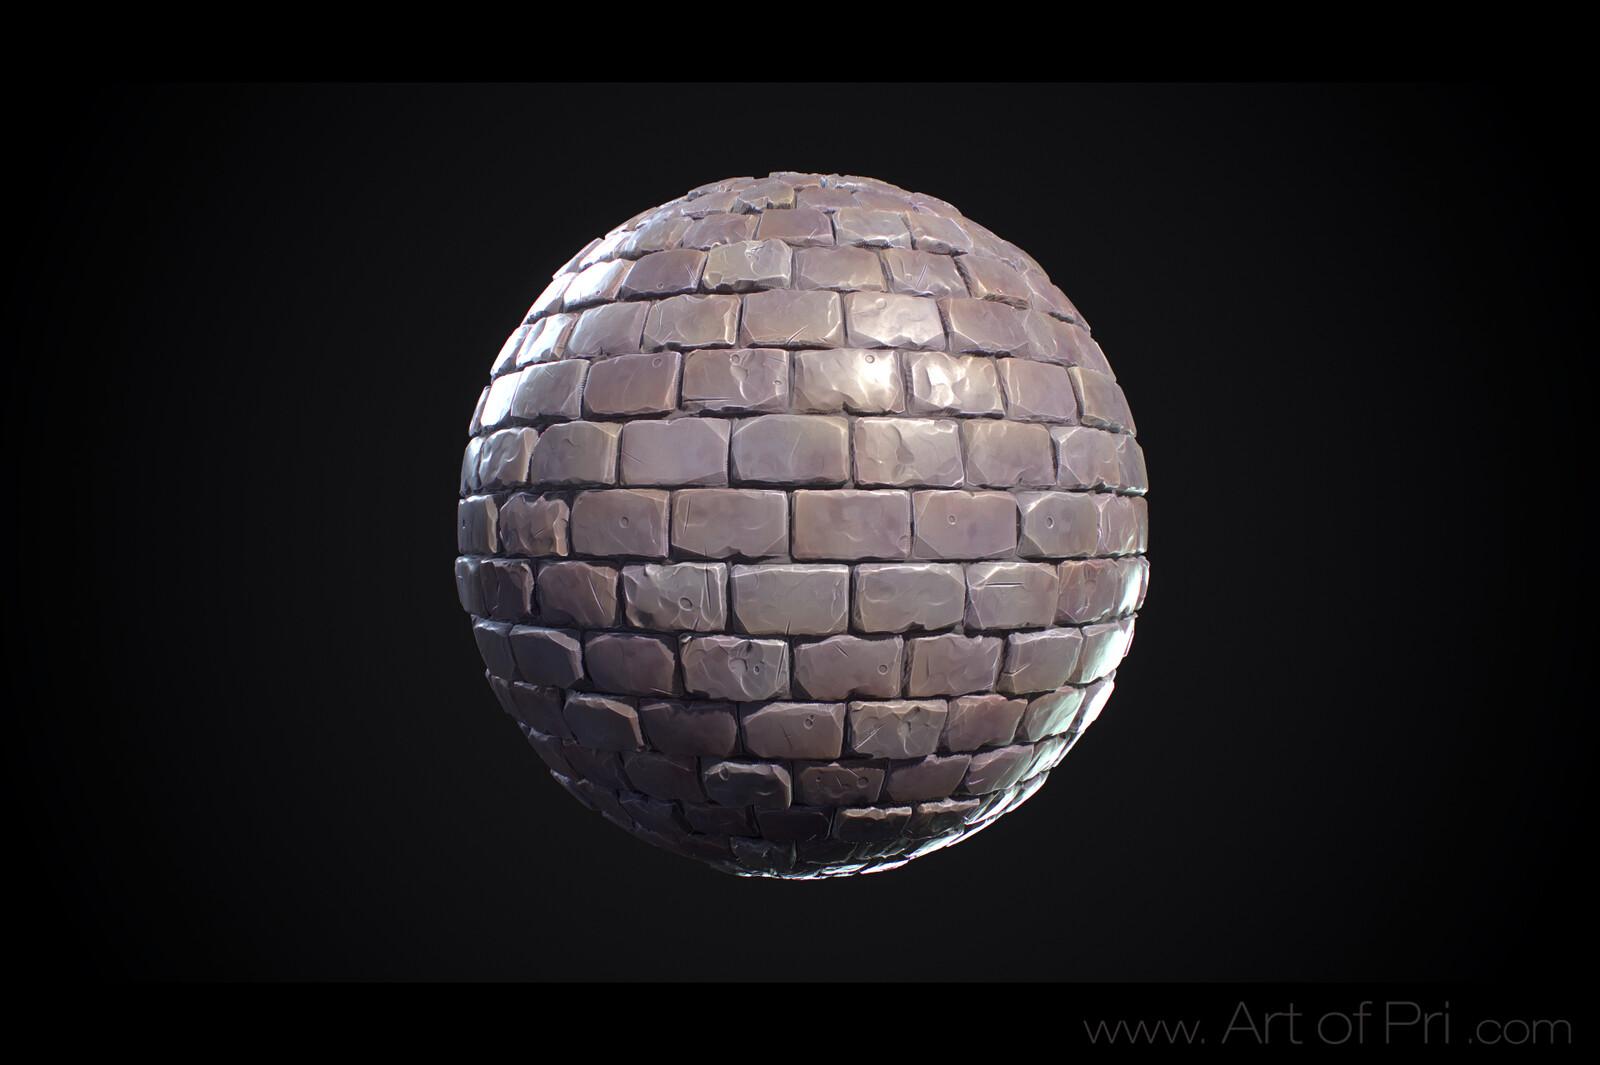 Design: Brick